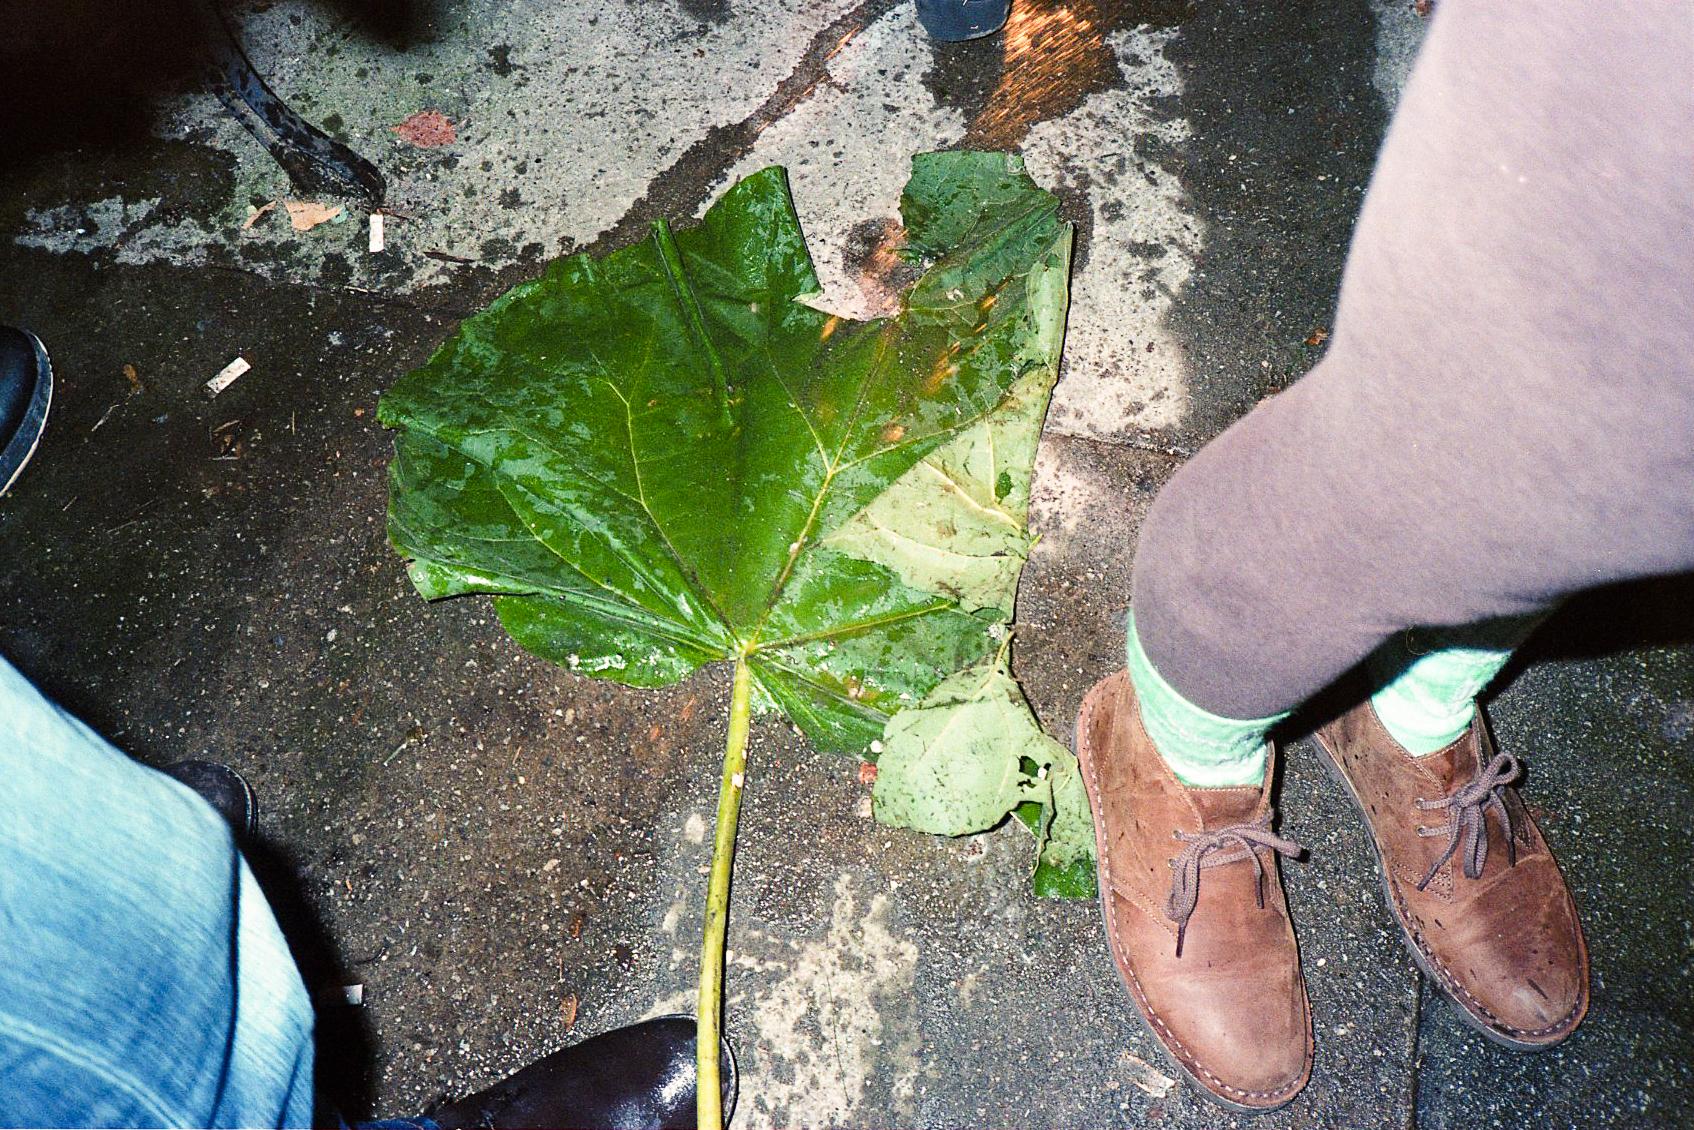 Grounded leaf